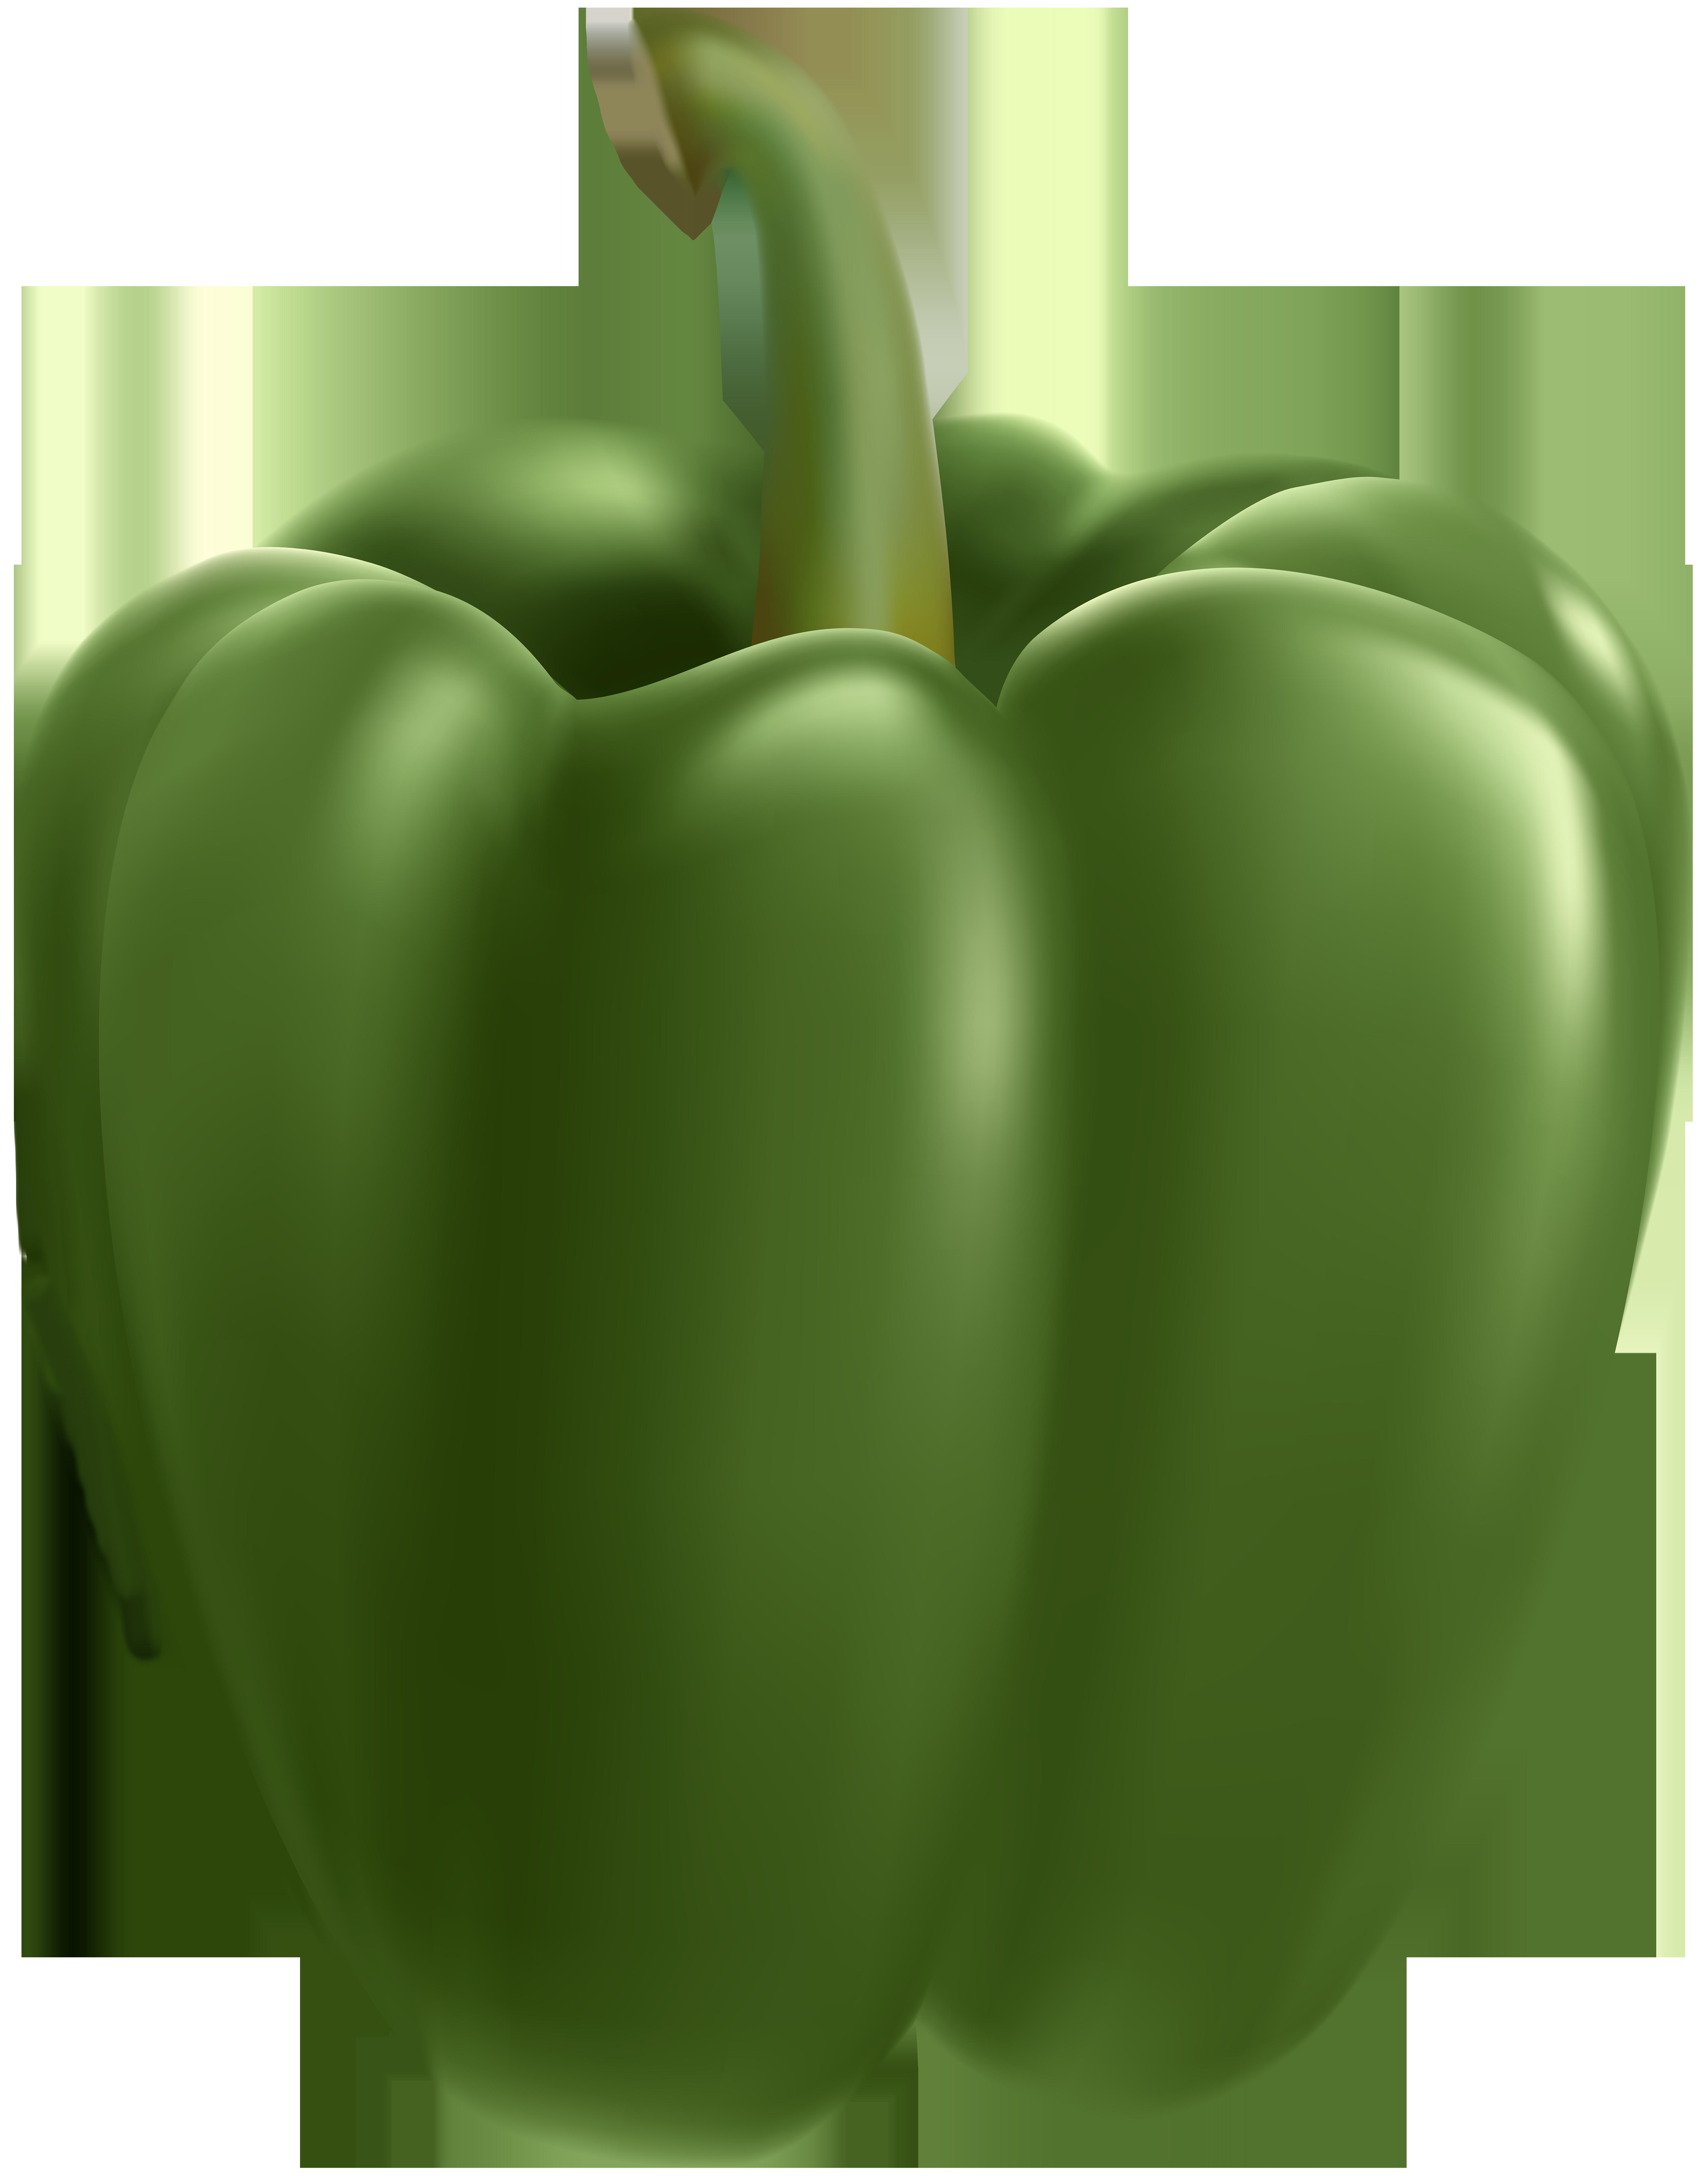 Green Bell Pepper Transparent Clip Art Image.